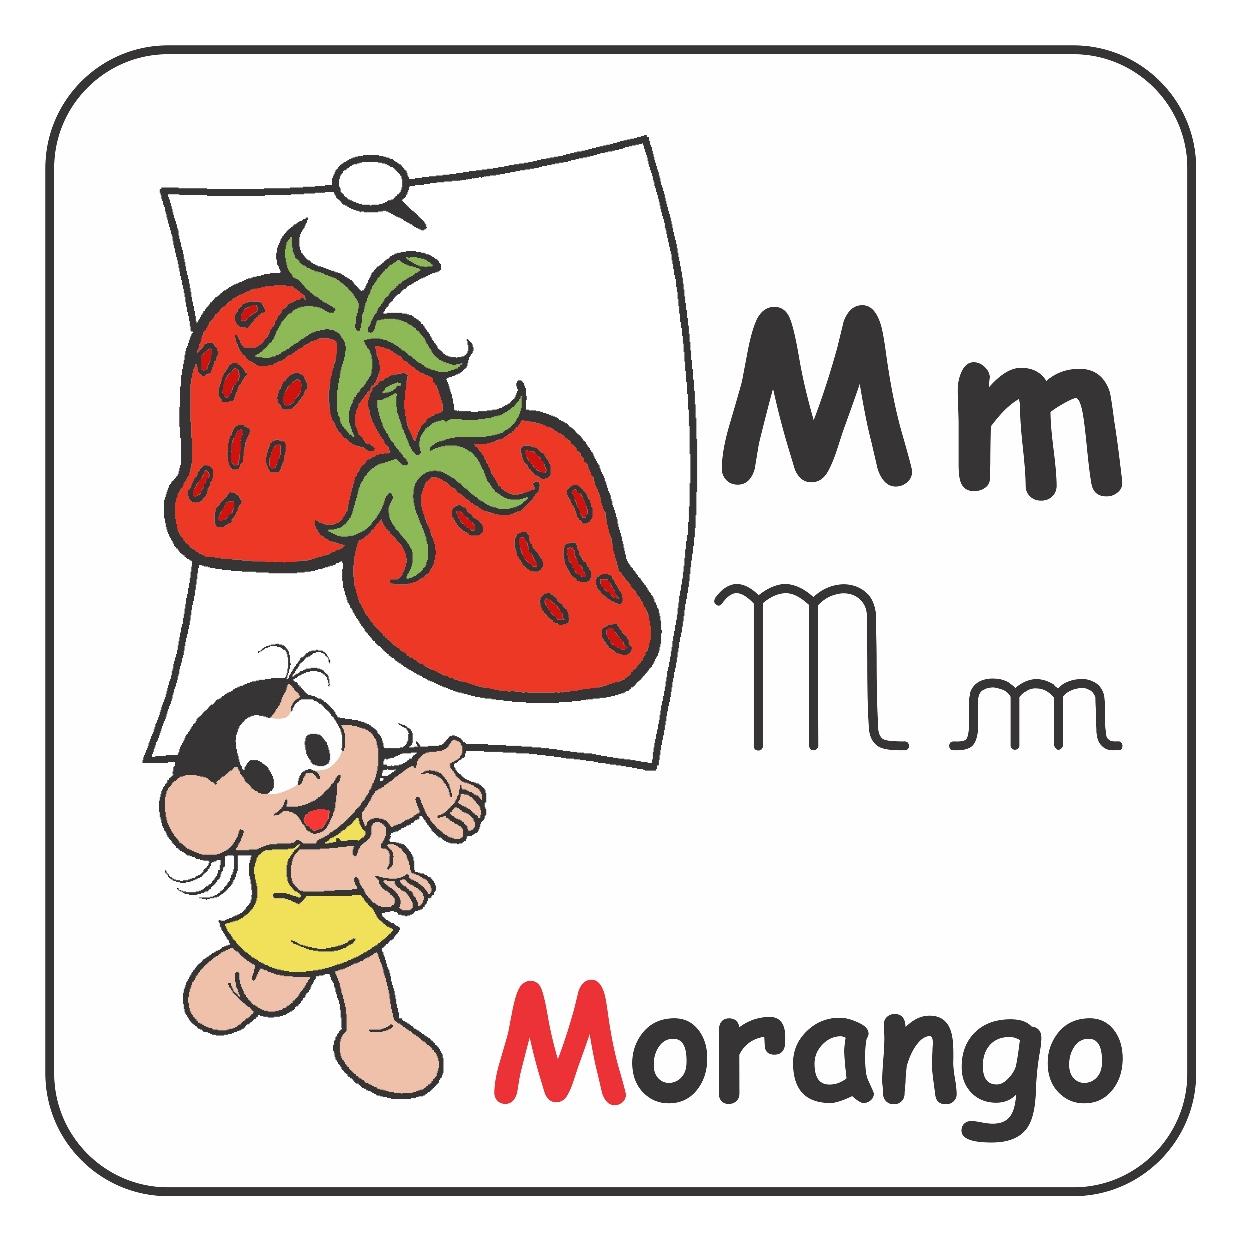 Alfabeto ilustrado da Turma da Mônica – Letra M